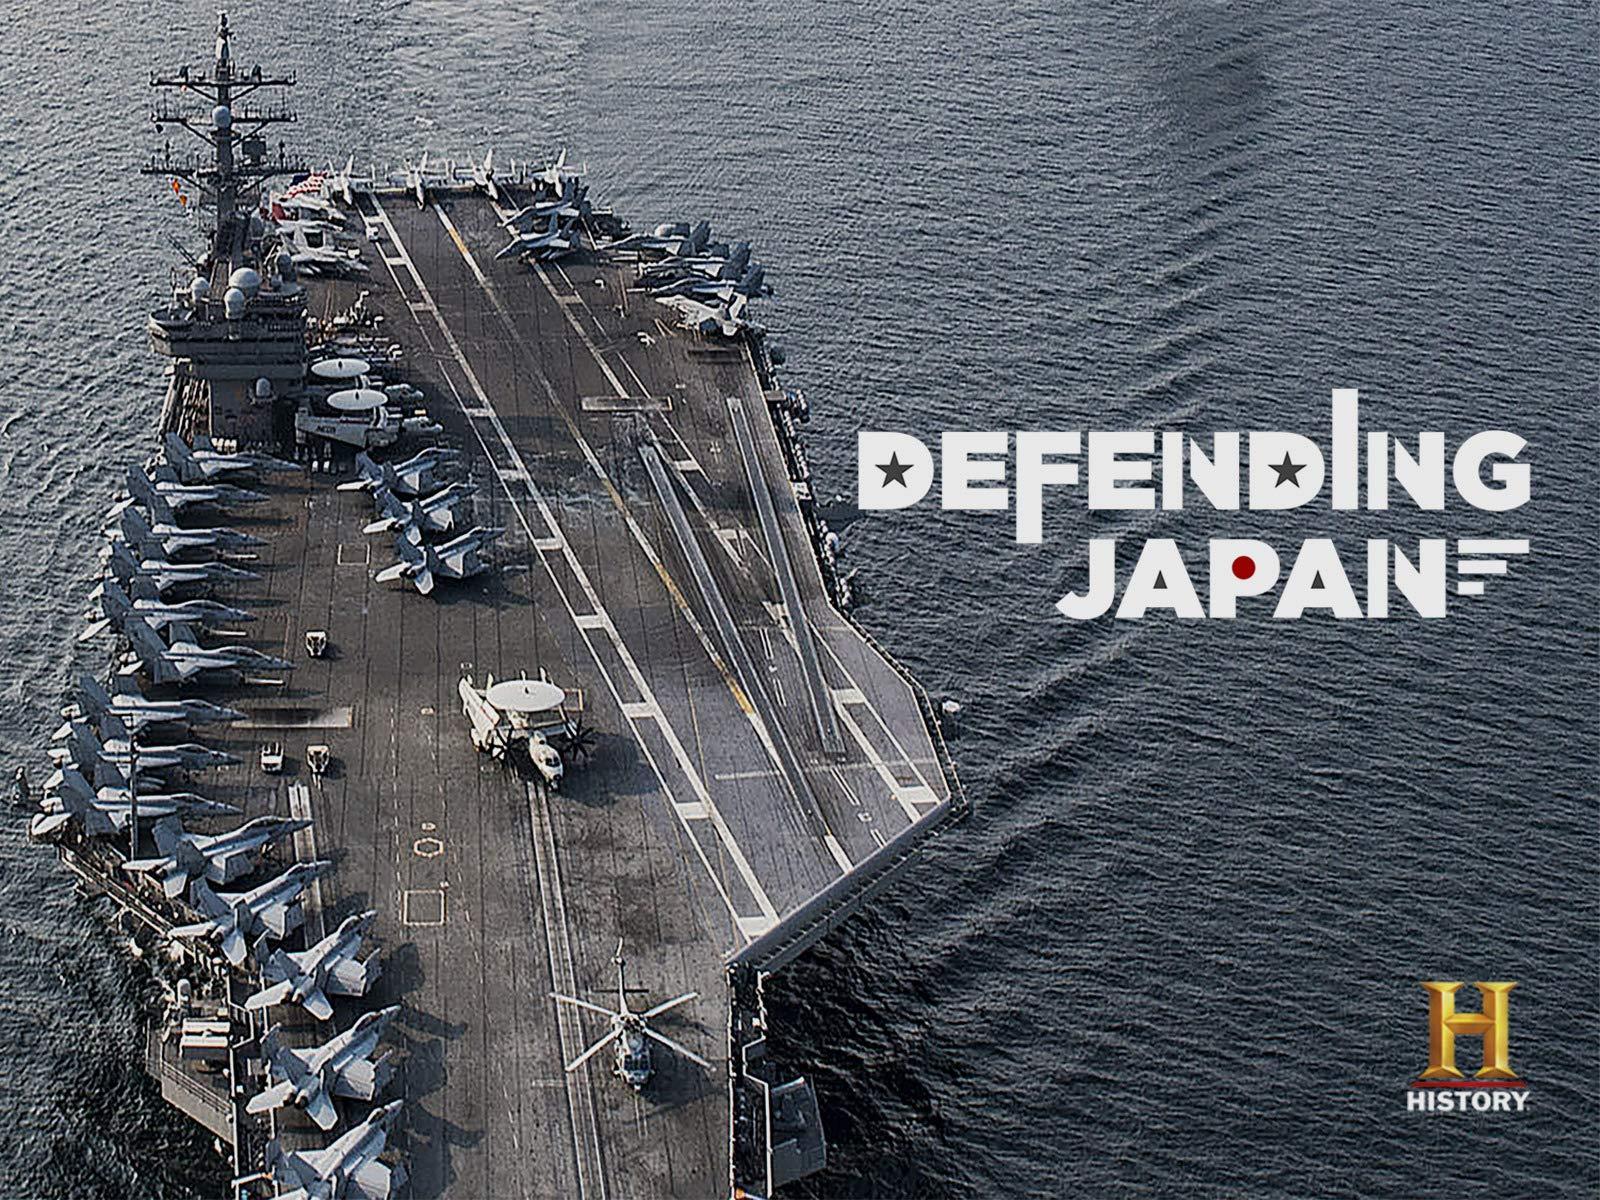 Defending Japan - Season 1